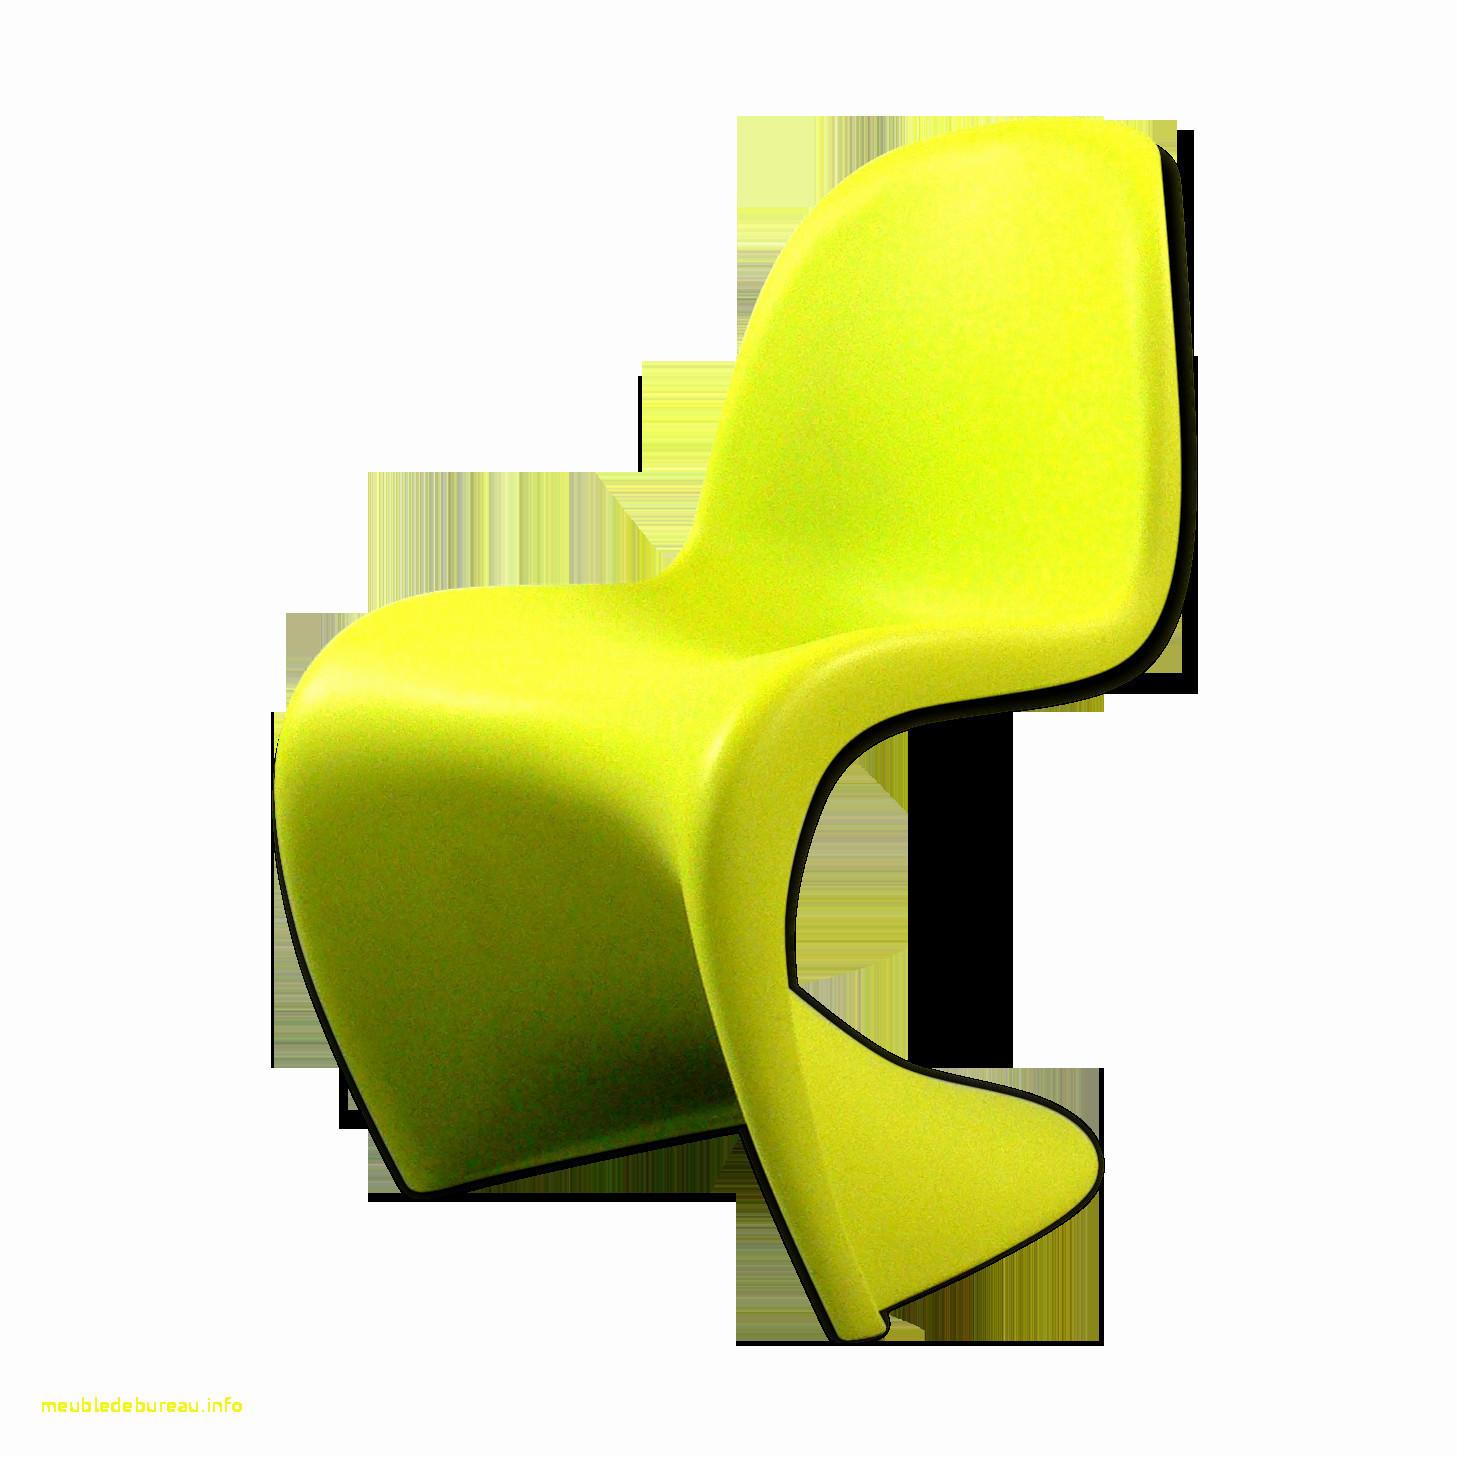 coupe de cheveux pas cher fauteuil de coiffure chaise de coiffeuse fauteuil coiffure pas cher of coupe de cheveux pas cher